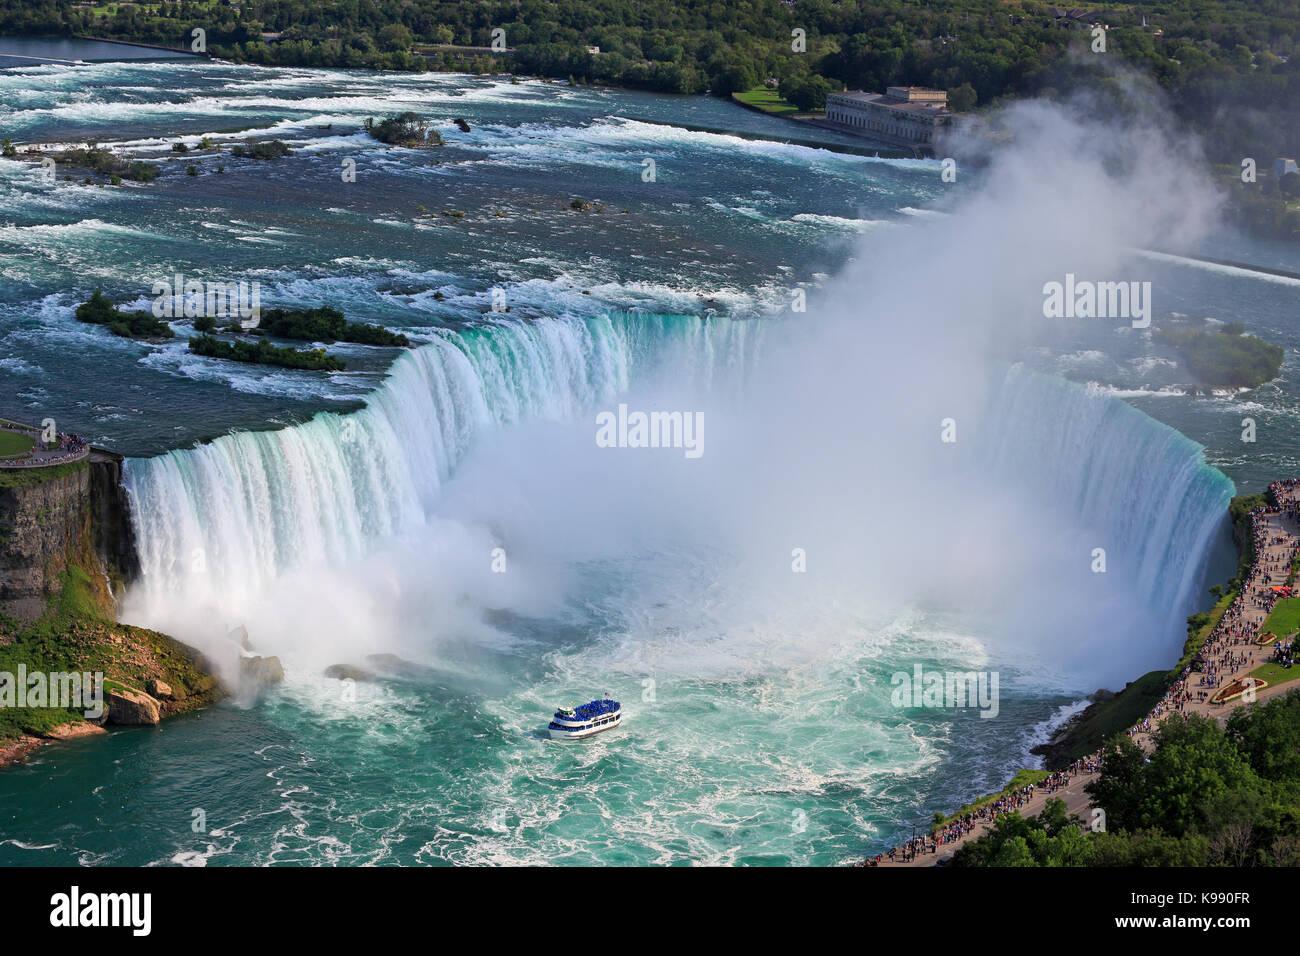 Horseshoe Falls de Niagara et Maid of the Mist boat, vue aérienne Banque D'Images